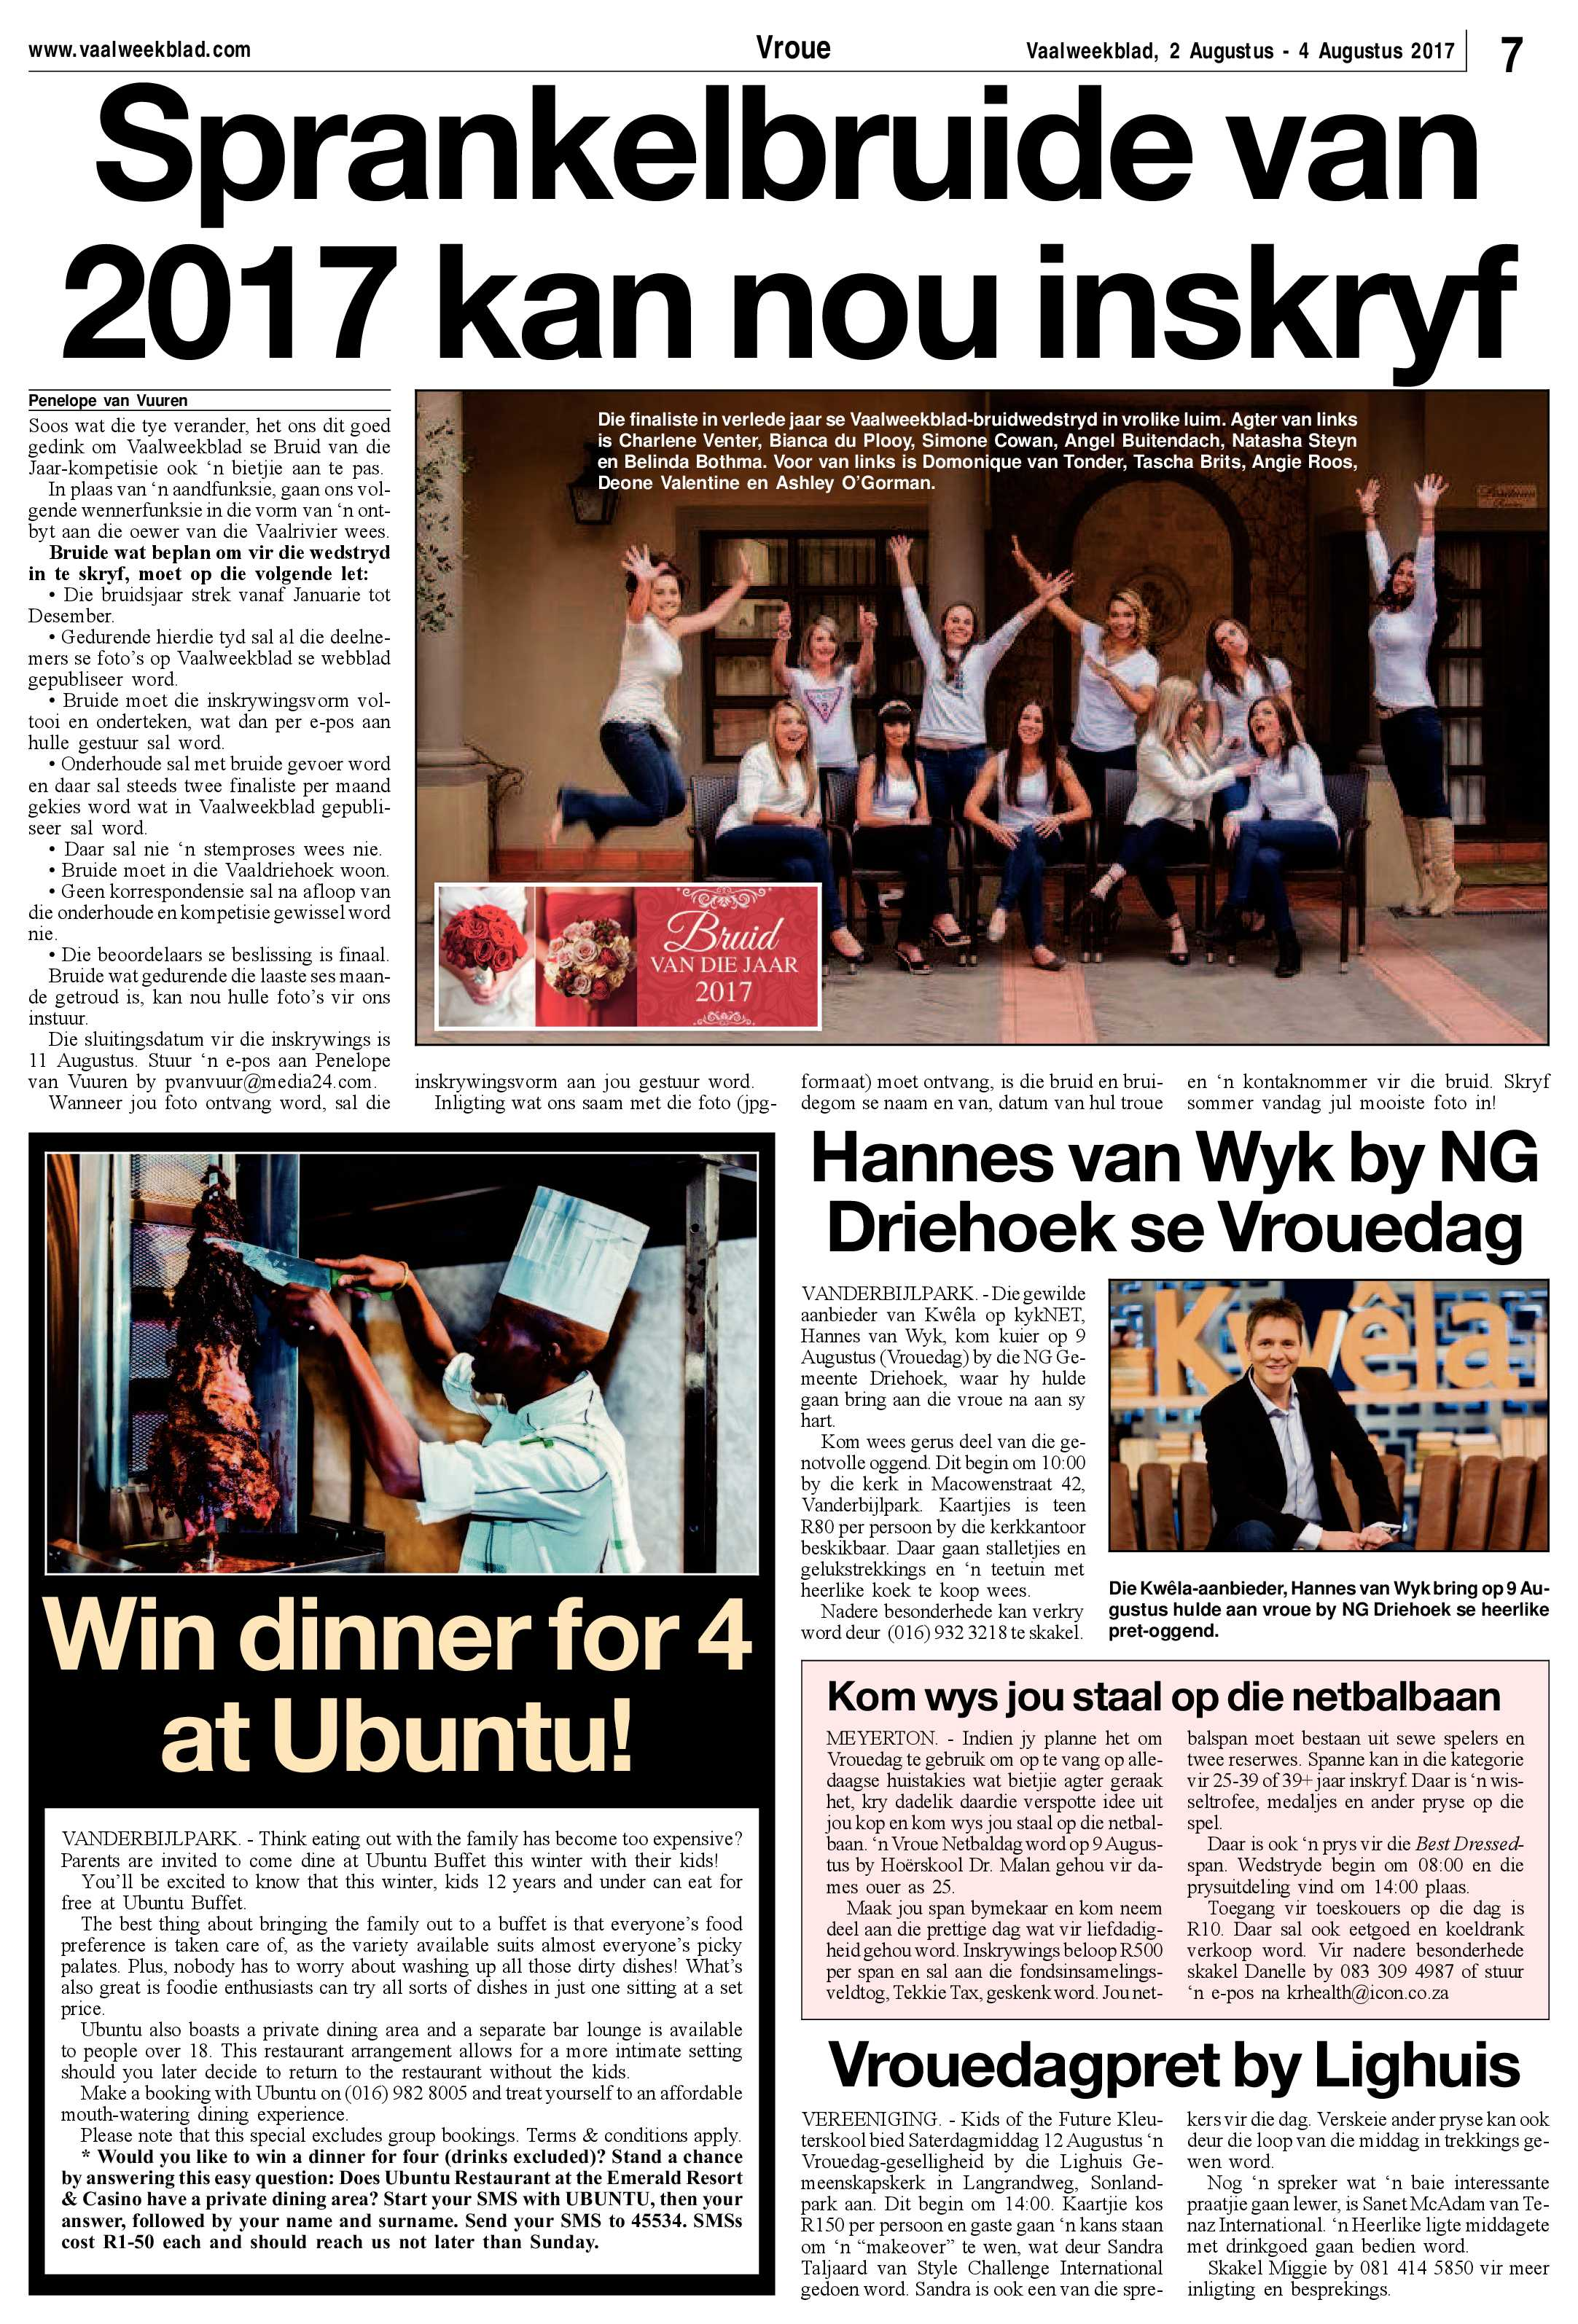 vaalweekblad-2-4-augustus-2017-epapers-page-7